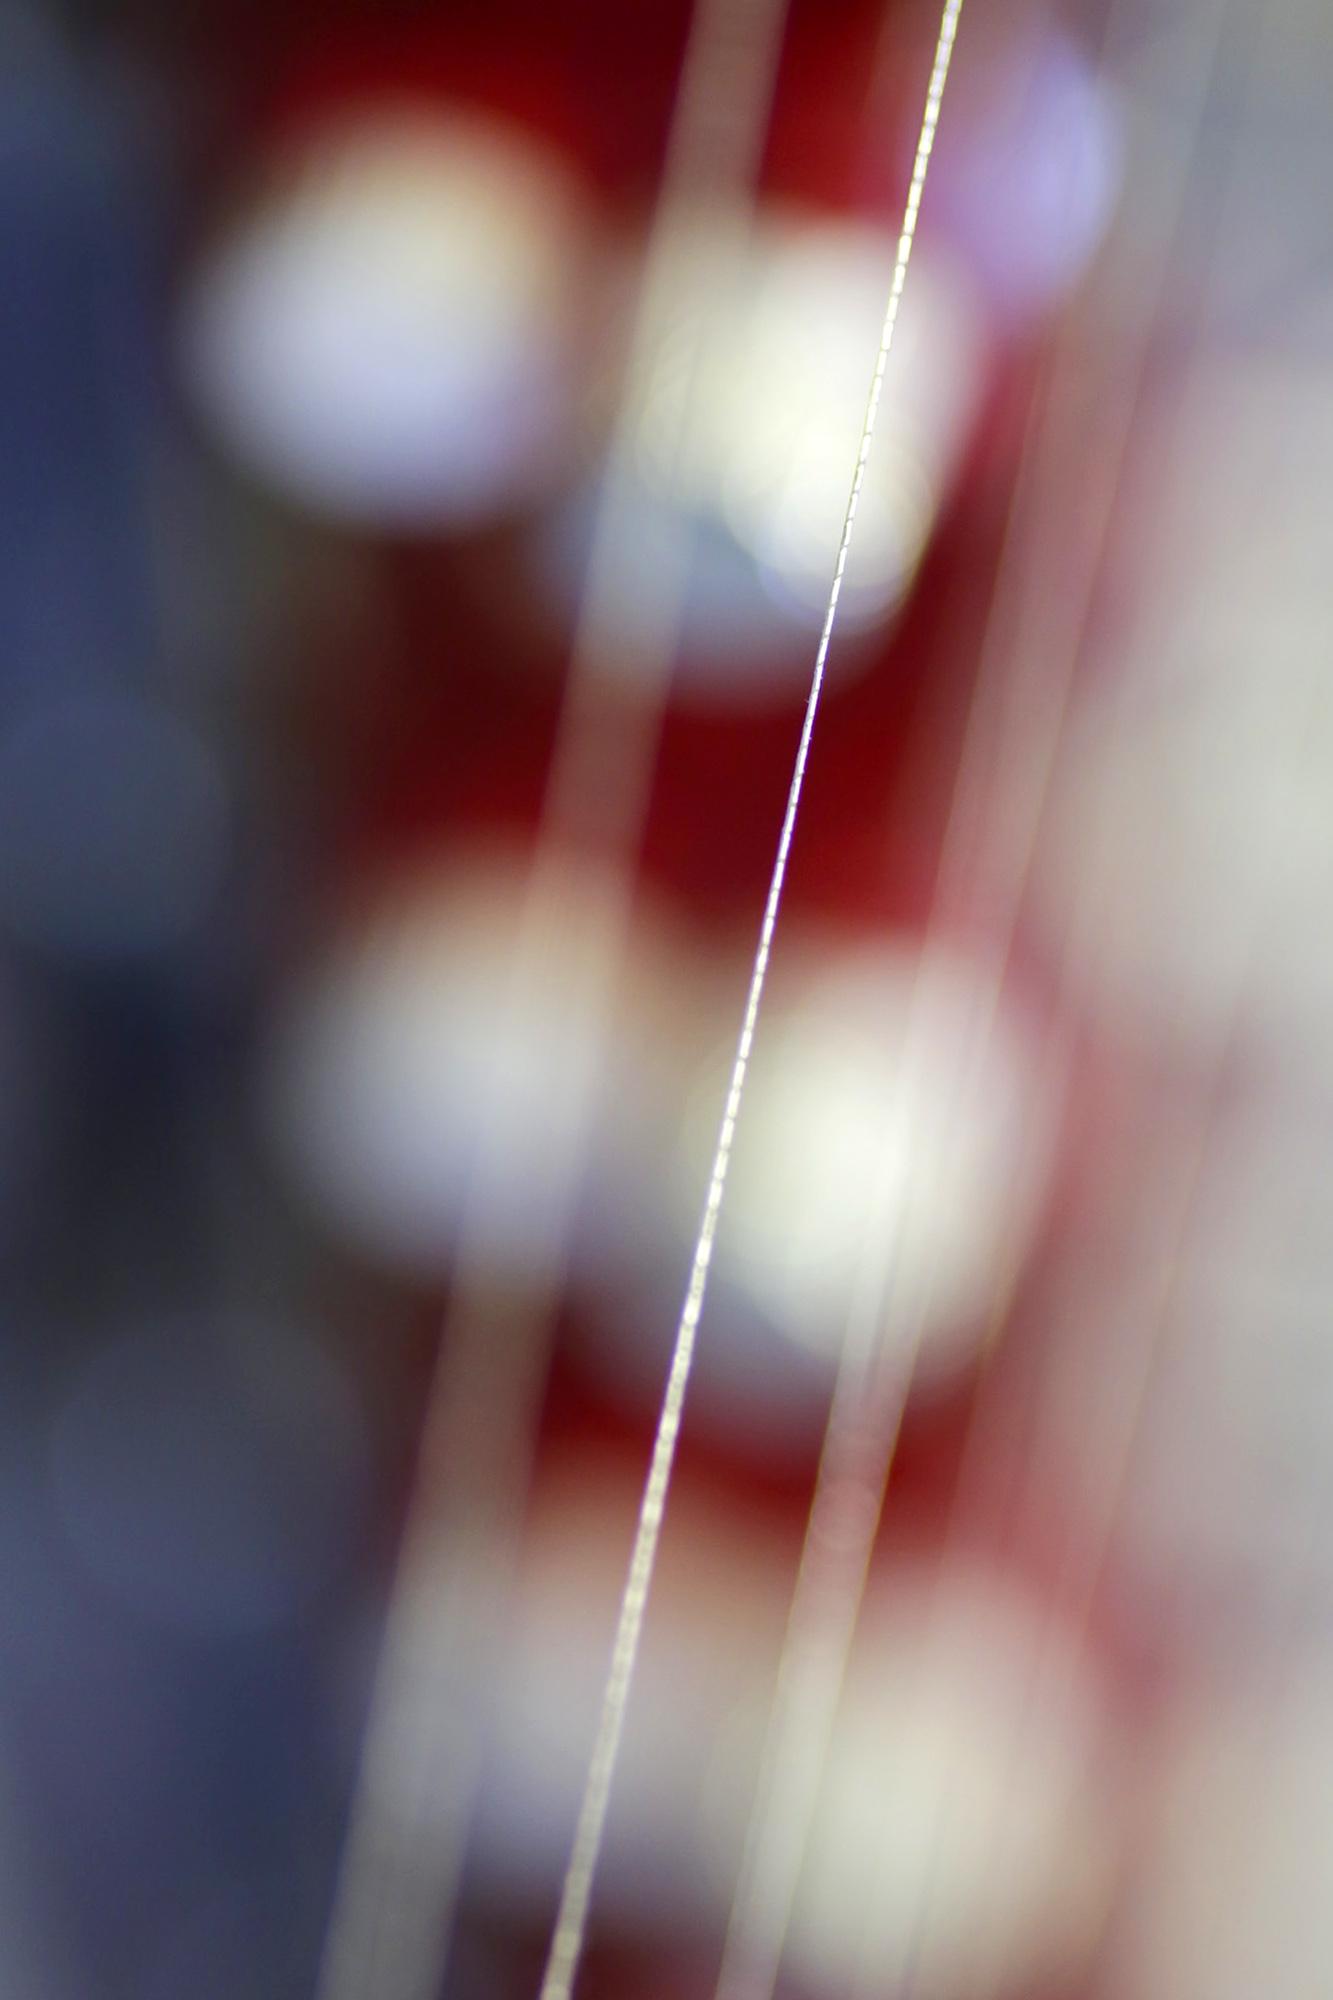 Peter Leenders; Peter; Leenders; Photography; Fotografie; fotografie; photography; design; düsseldorf; studio; Studio; People; people; Food; food; Stills; stills; Design; Duesseldorf; Digital; Digitalfotografie; Gallery; Portfolio; Fotograf; News; Industrial; 360°; Wasserbilder; Werbung; Marketing; Reportagefotografie; Reisefotografie